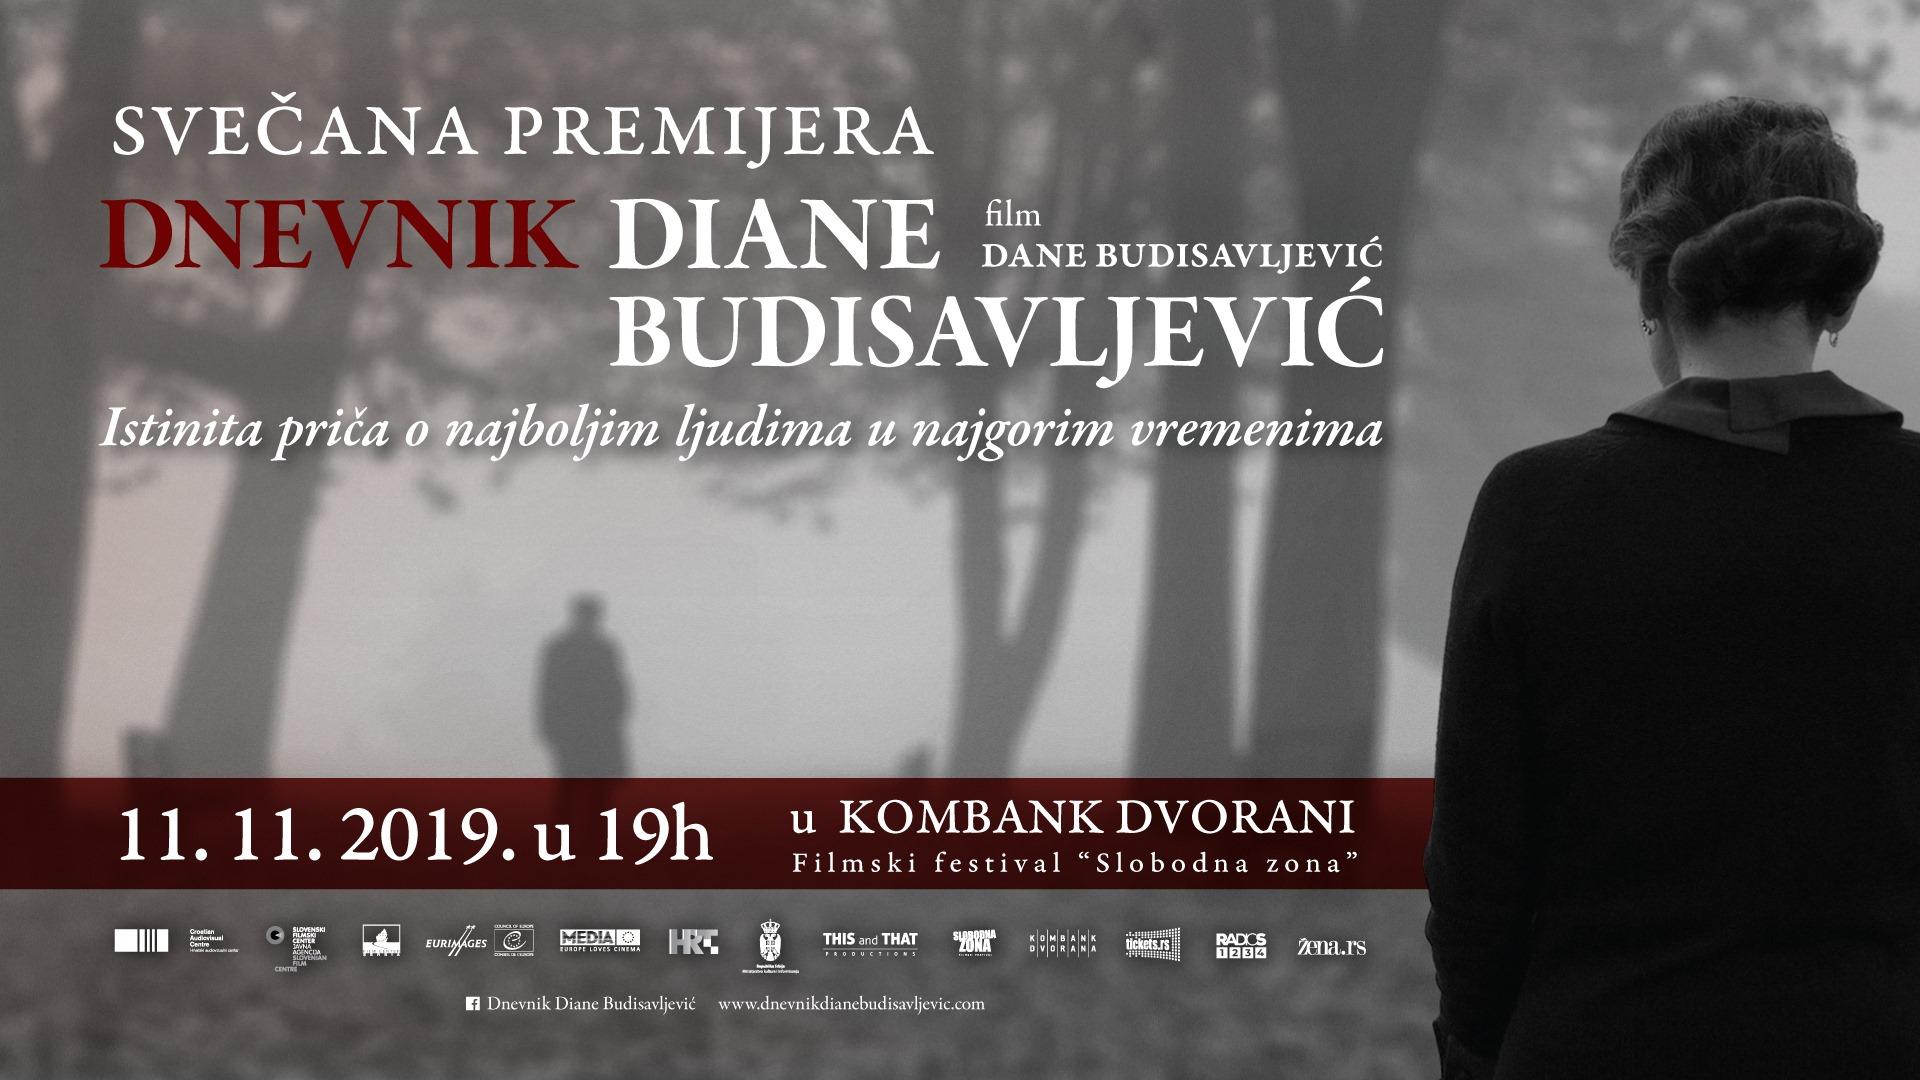 Dnevnik Diane Budisavljević – srpska premijera 11.11.2019. Kombank dvorana